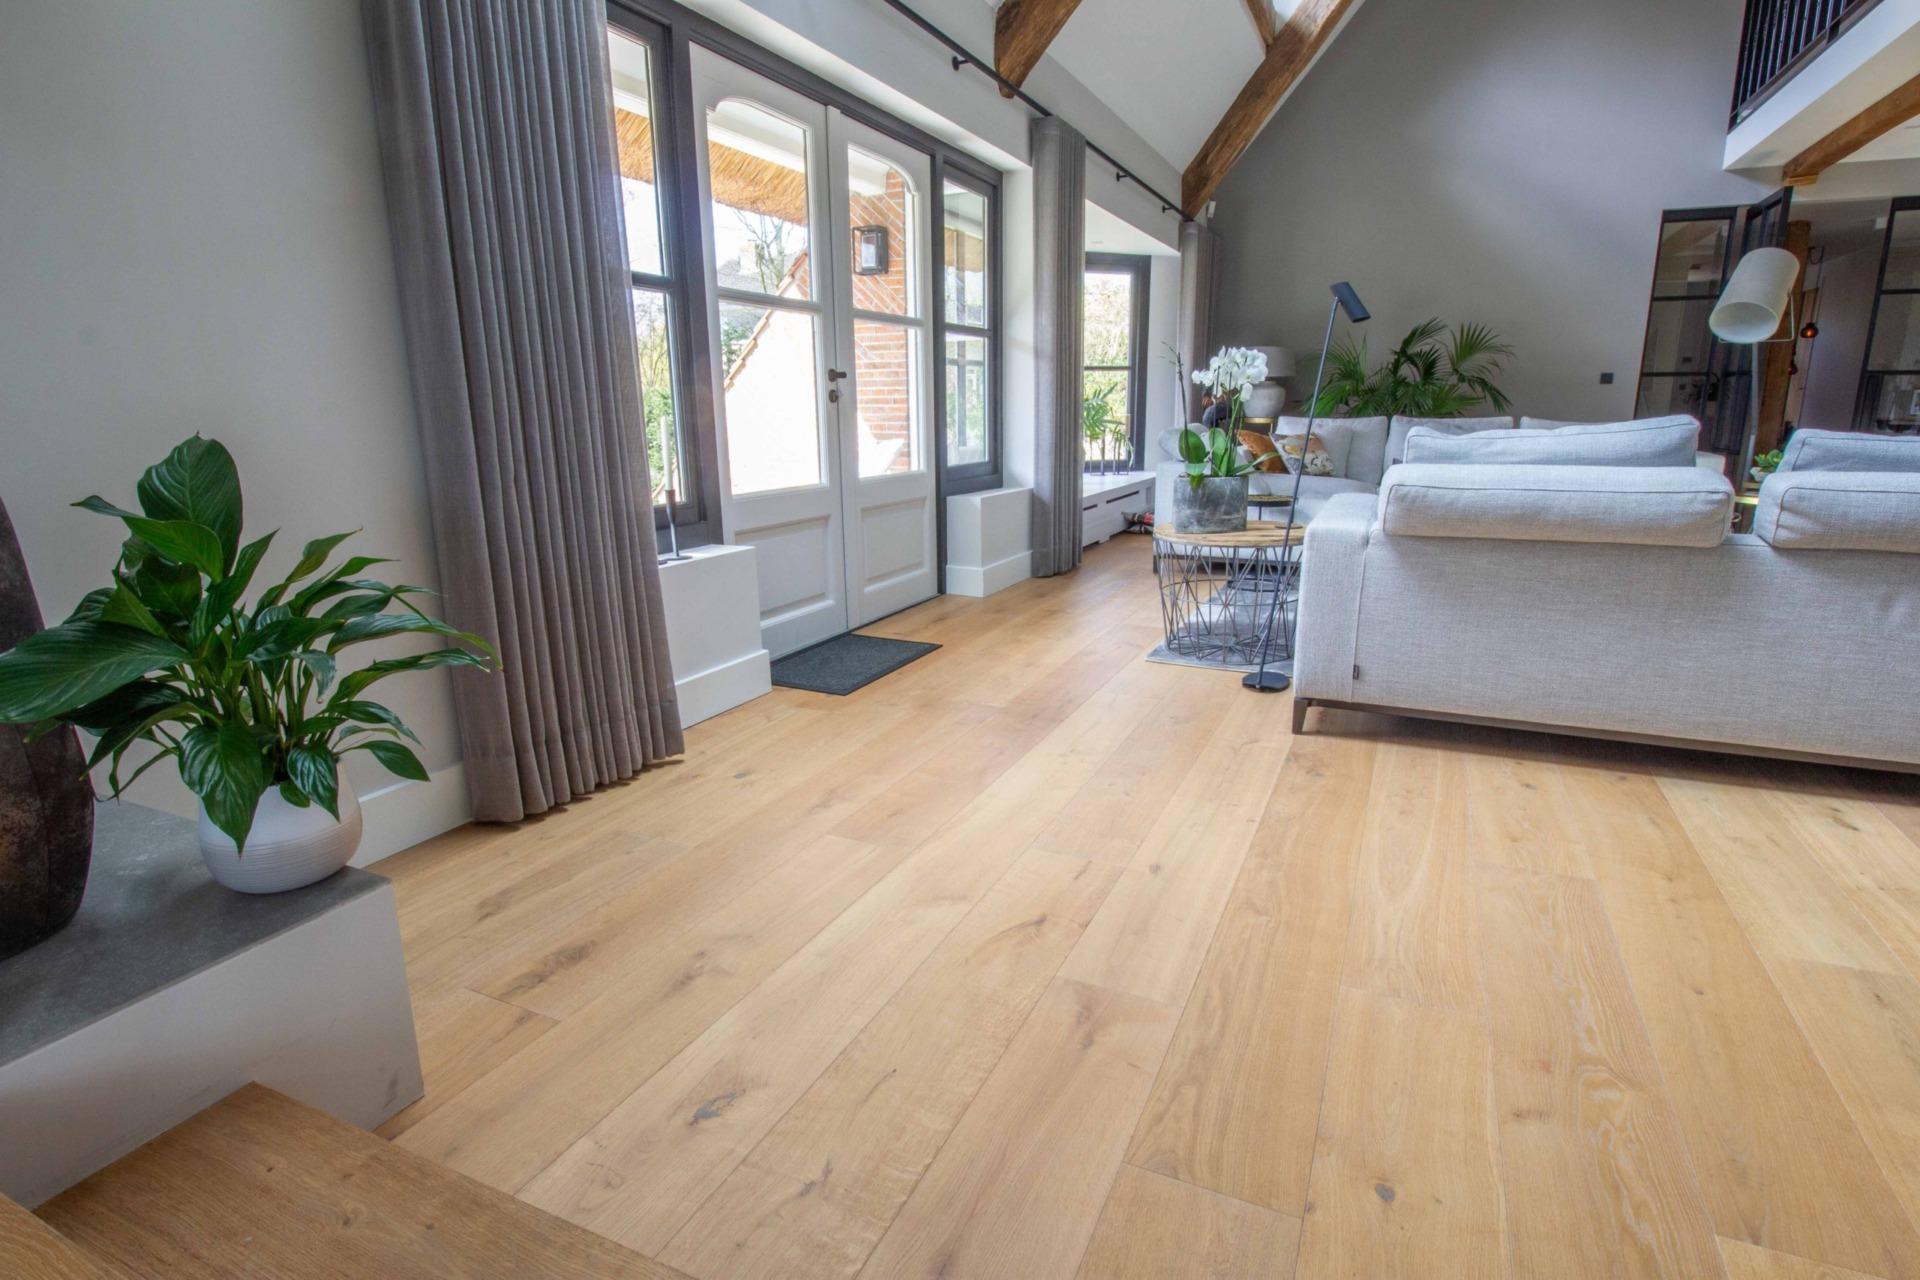 Rustic plank floor